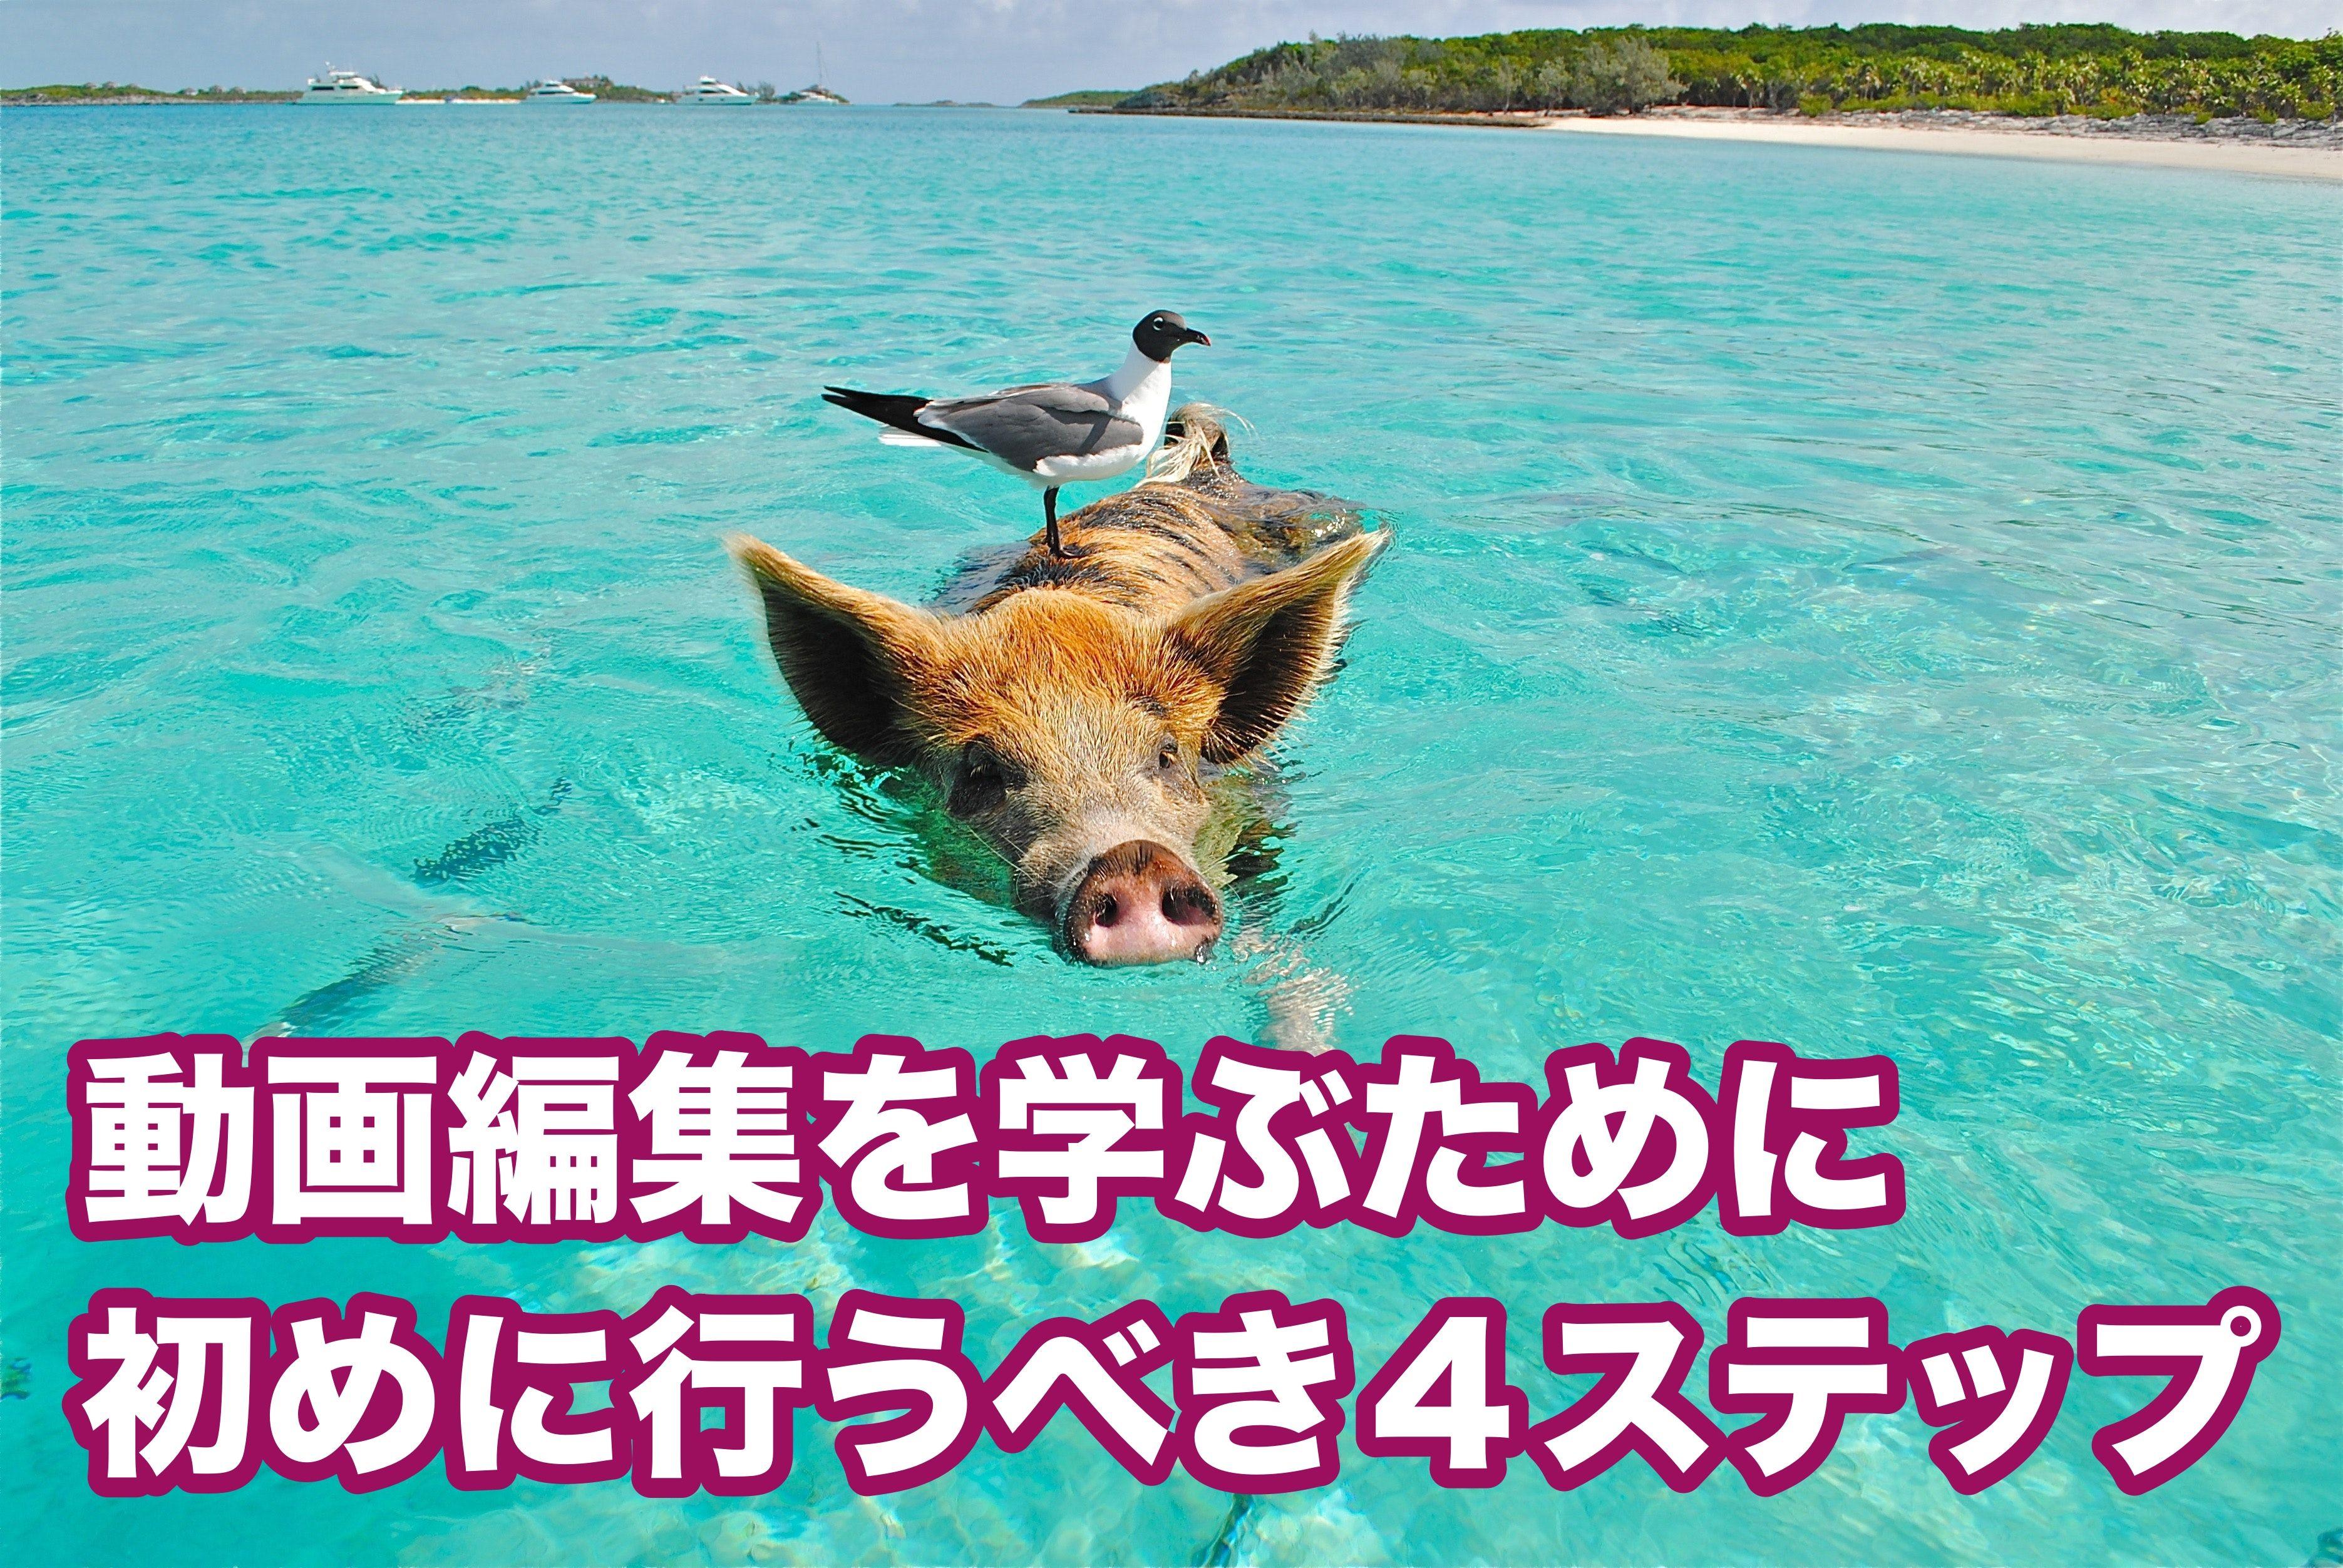 沖縄で動画編集を学ぶために初心者が行うべき4ステップ